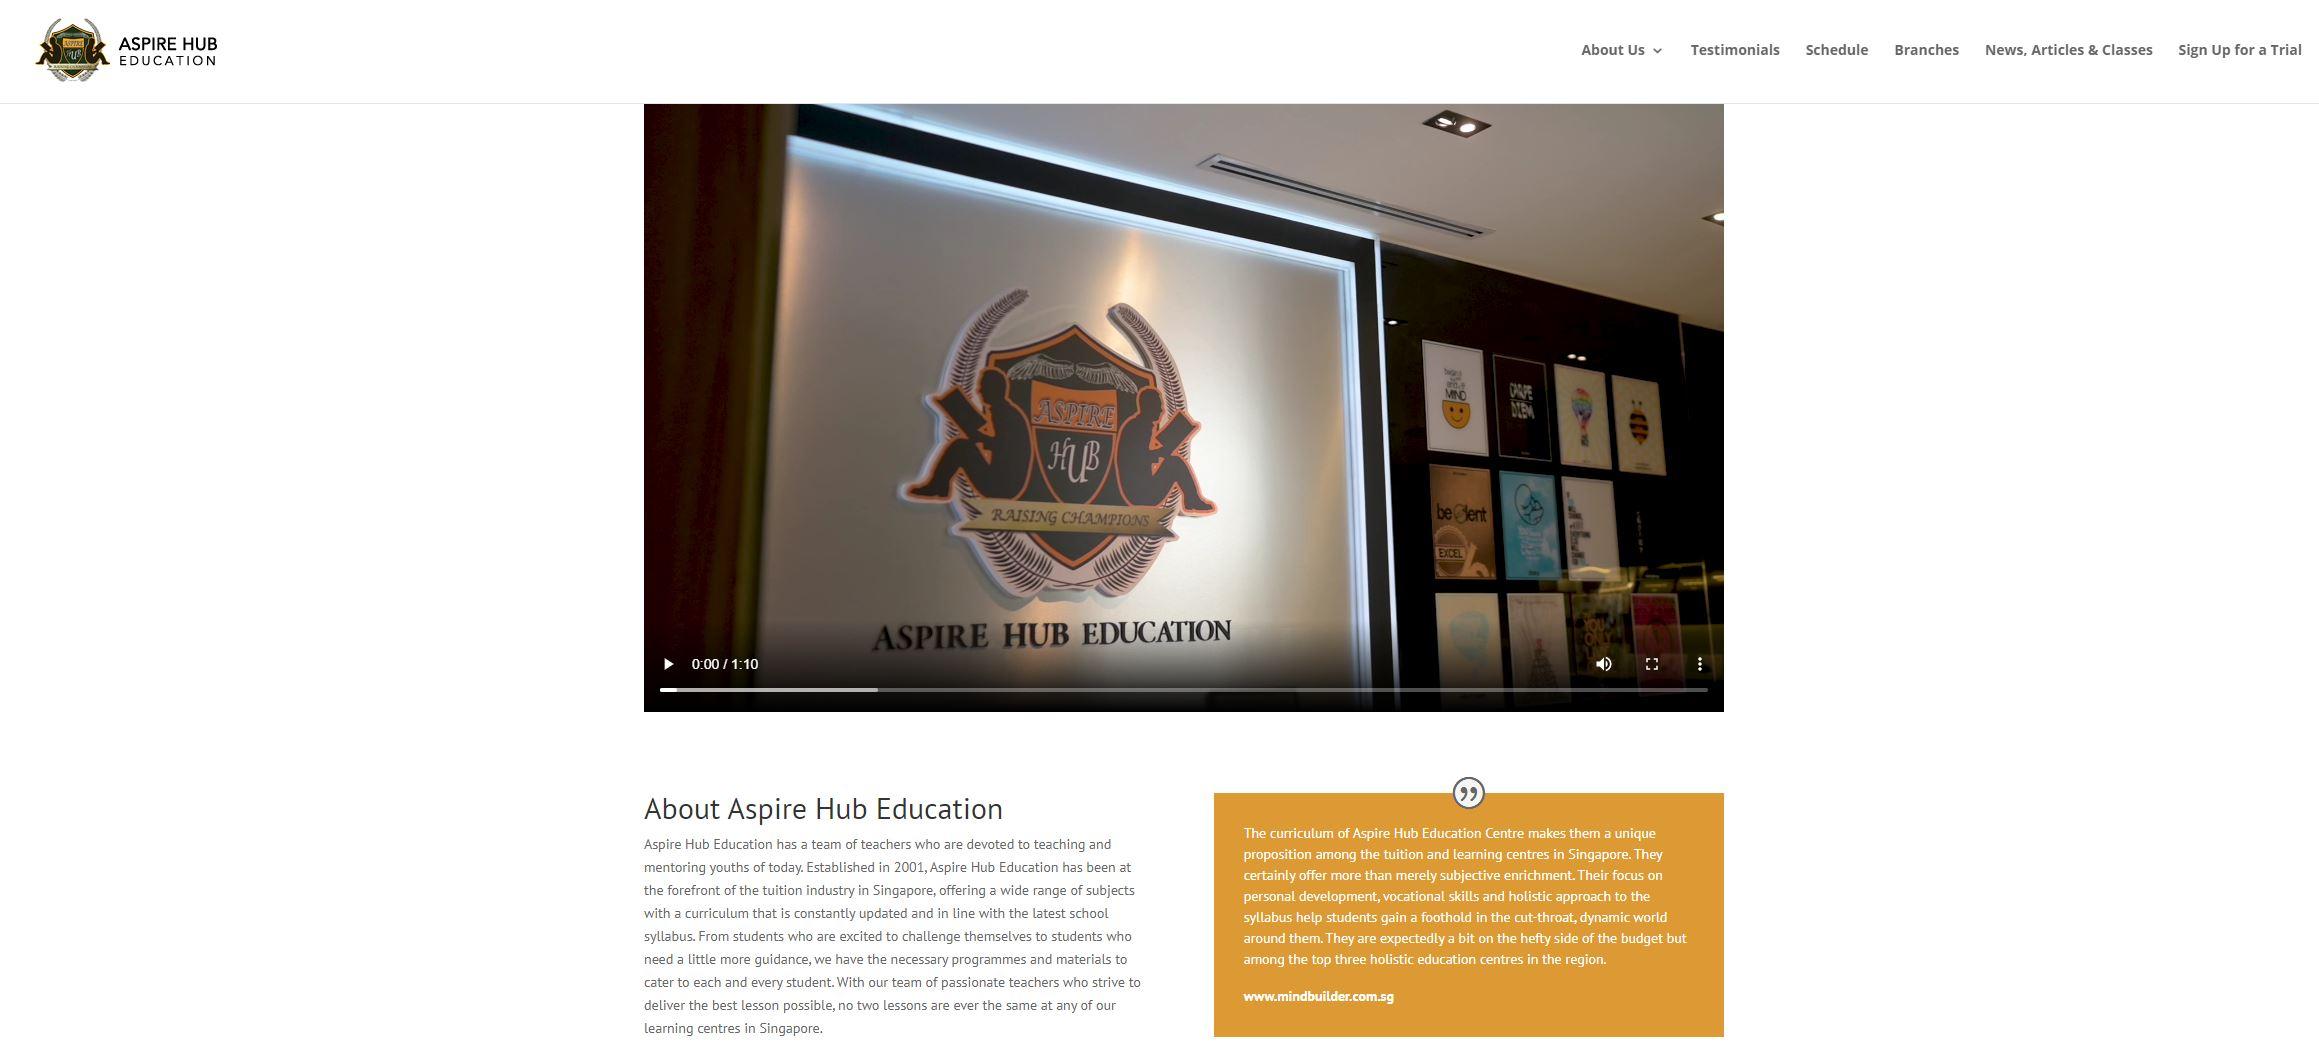 Aspire Hub Education IB Tuition